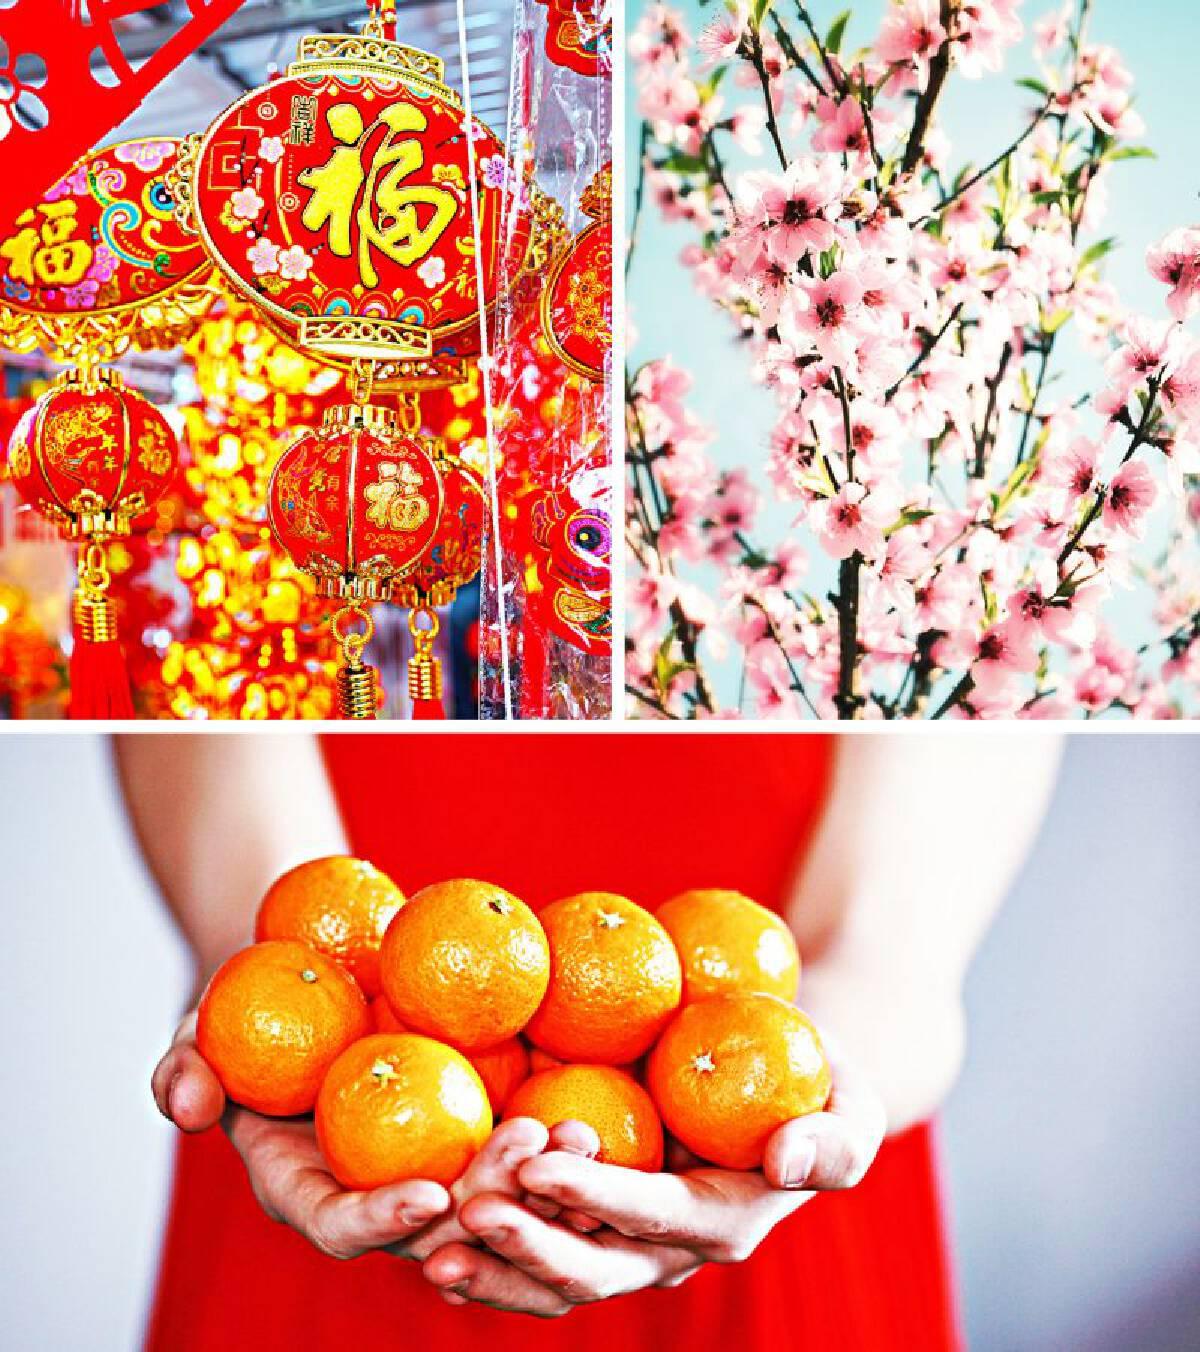 ตรุษจีน วิถีแห่งมงคล ส่งความสุขรับโชคลาภ